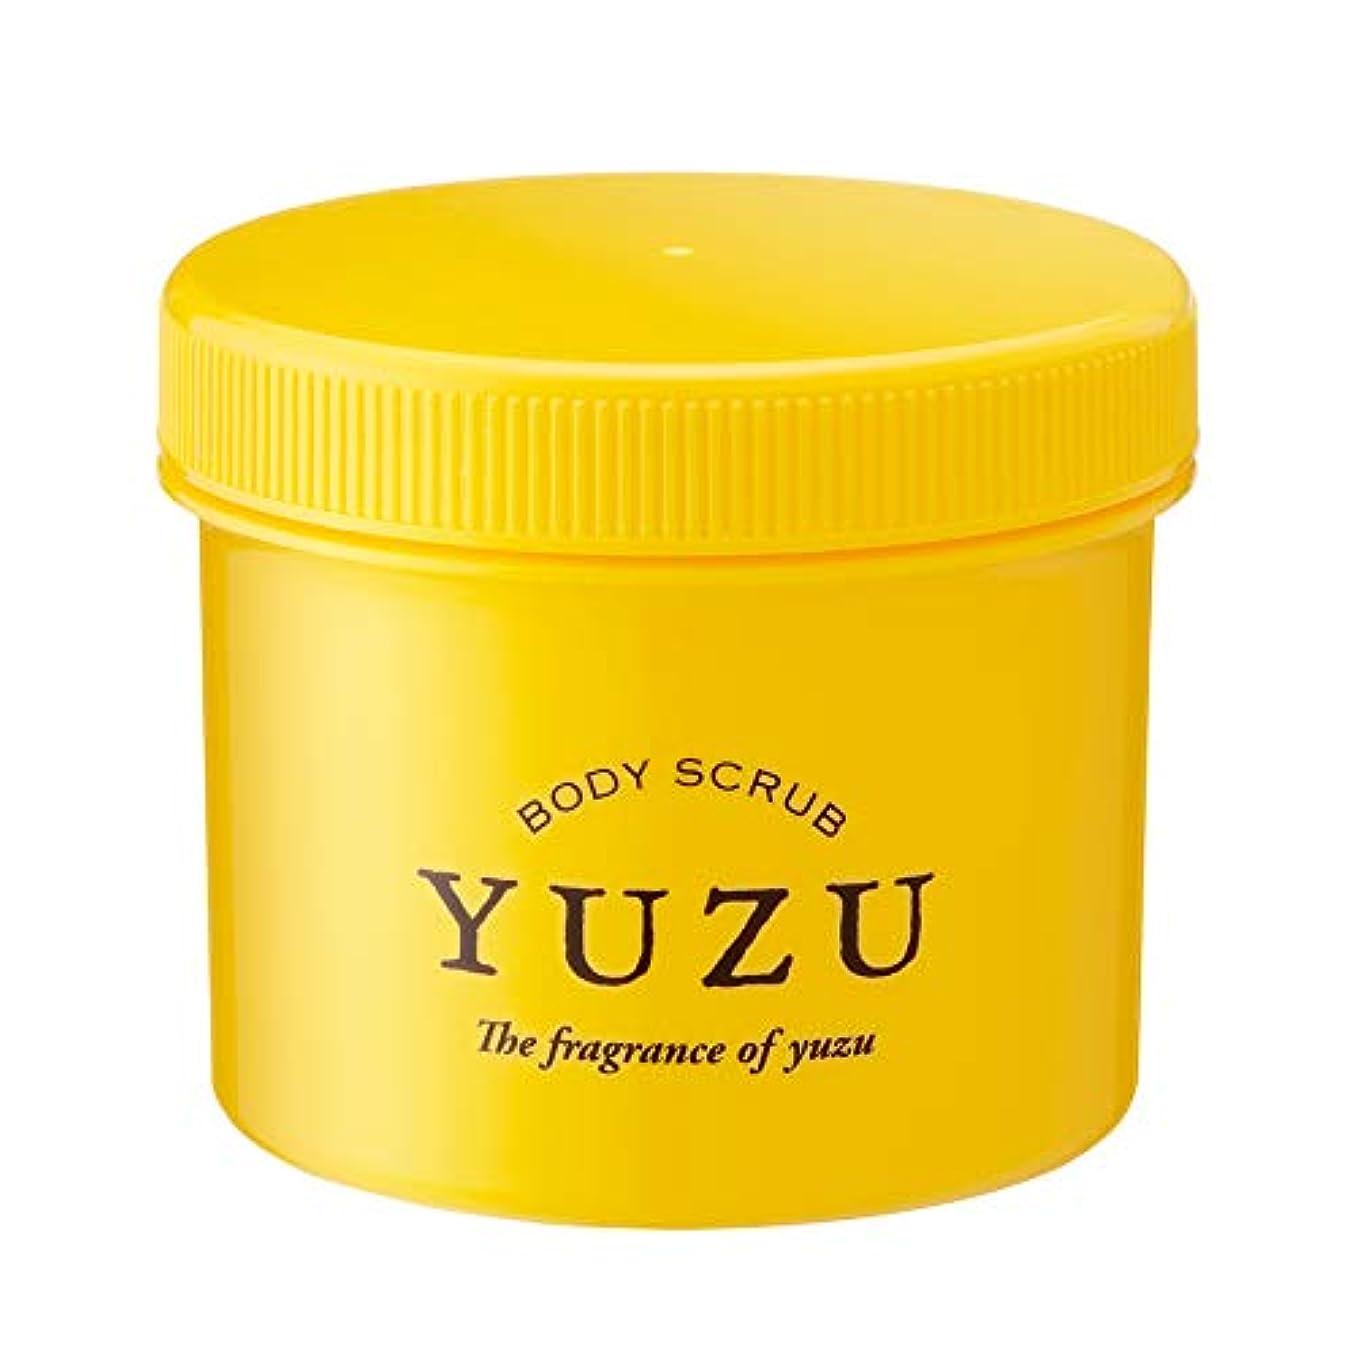 スクラッチ含意医薬品(美健)ビケン YUZU ボディマッサージスクラブ 高知県ゆず精油のみで香り付け